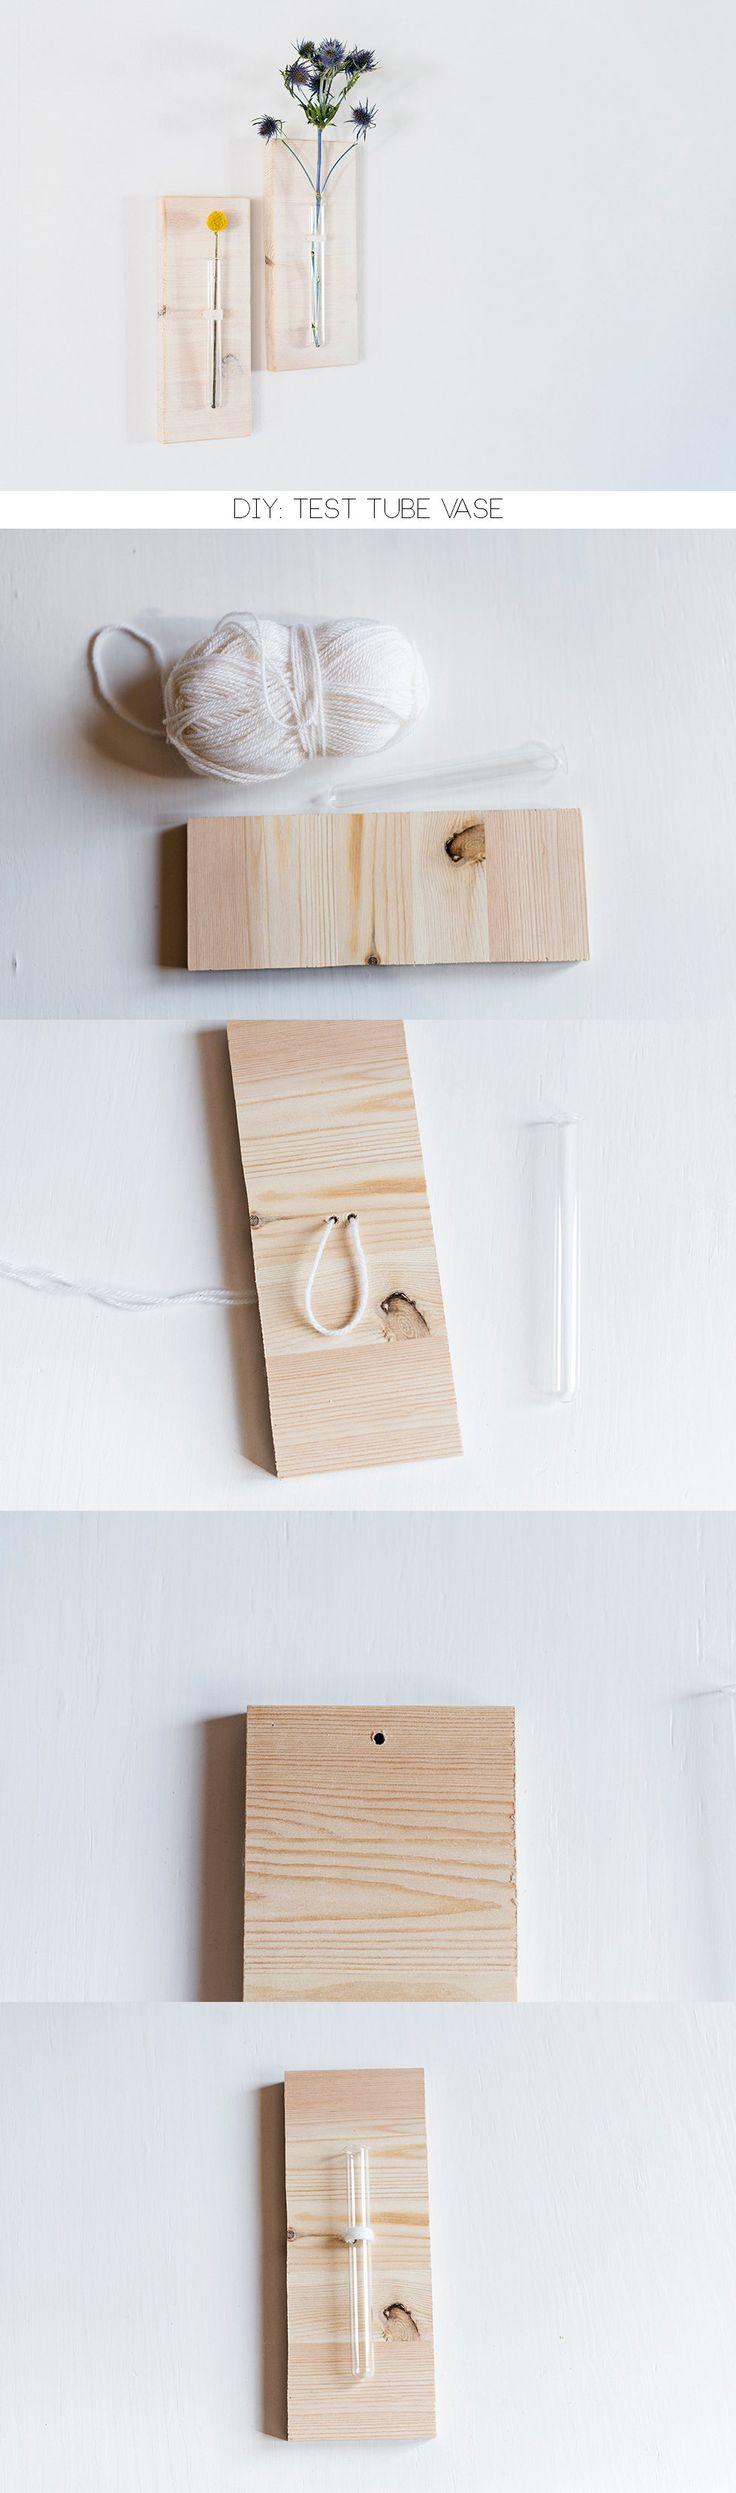 diy test tube vase wall hanging